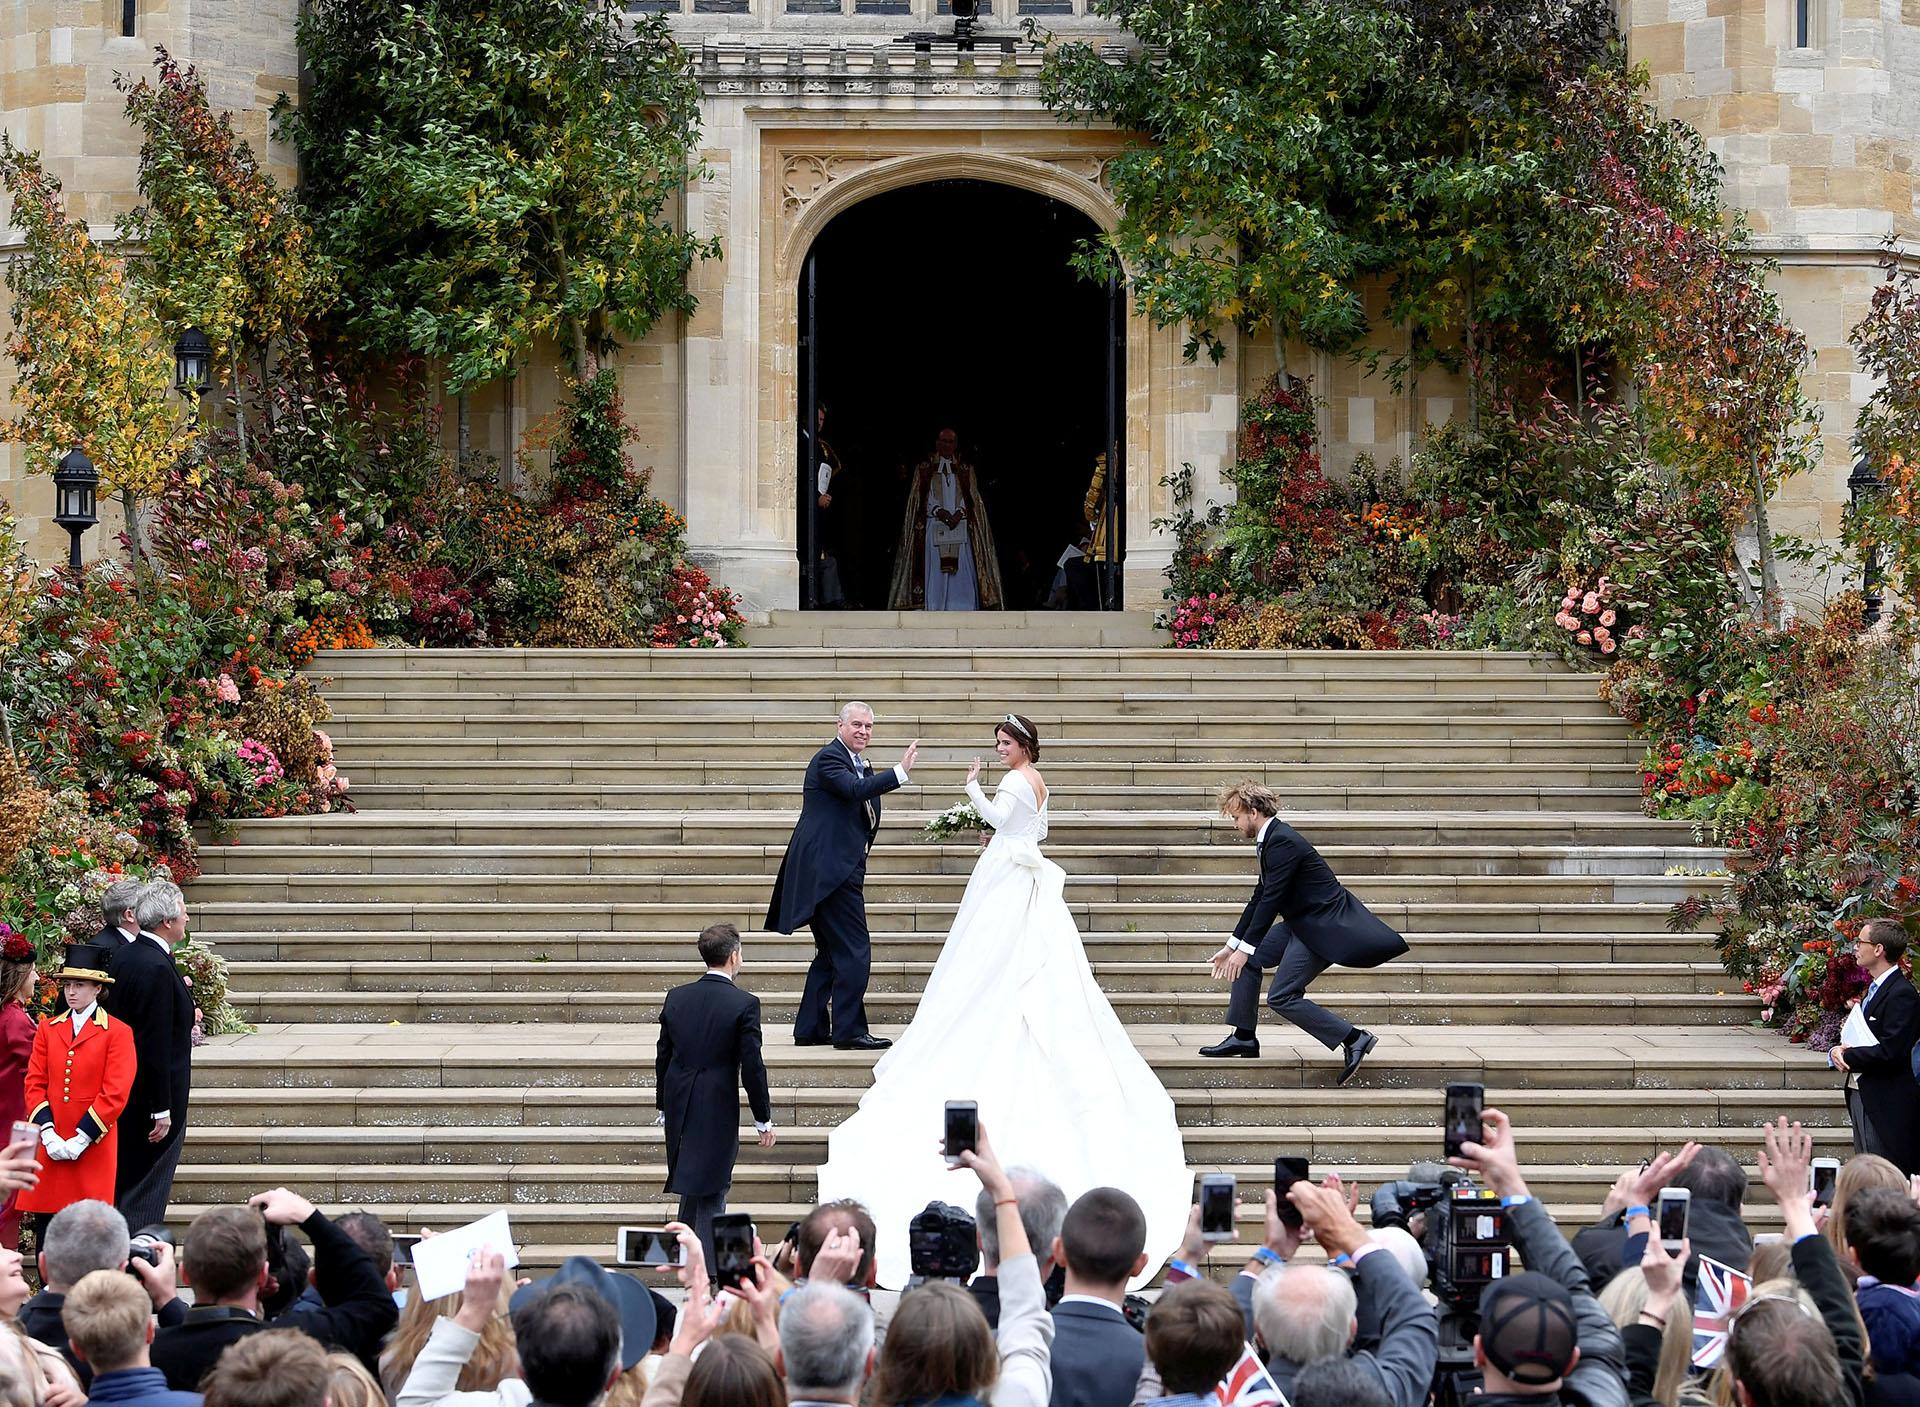 Con una multitud en las escalinatas de la capilla St. George, así llegaba la novia, la princesa Eugenie junto a su padre, el príncipe Andrew